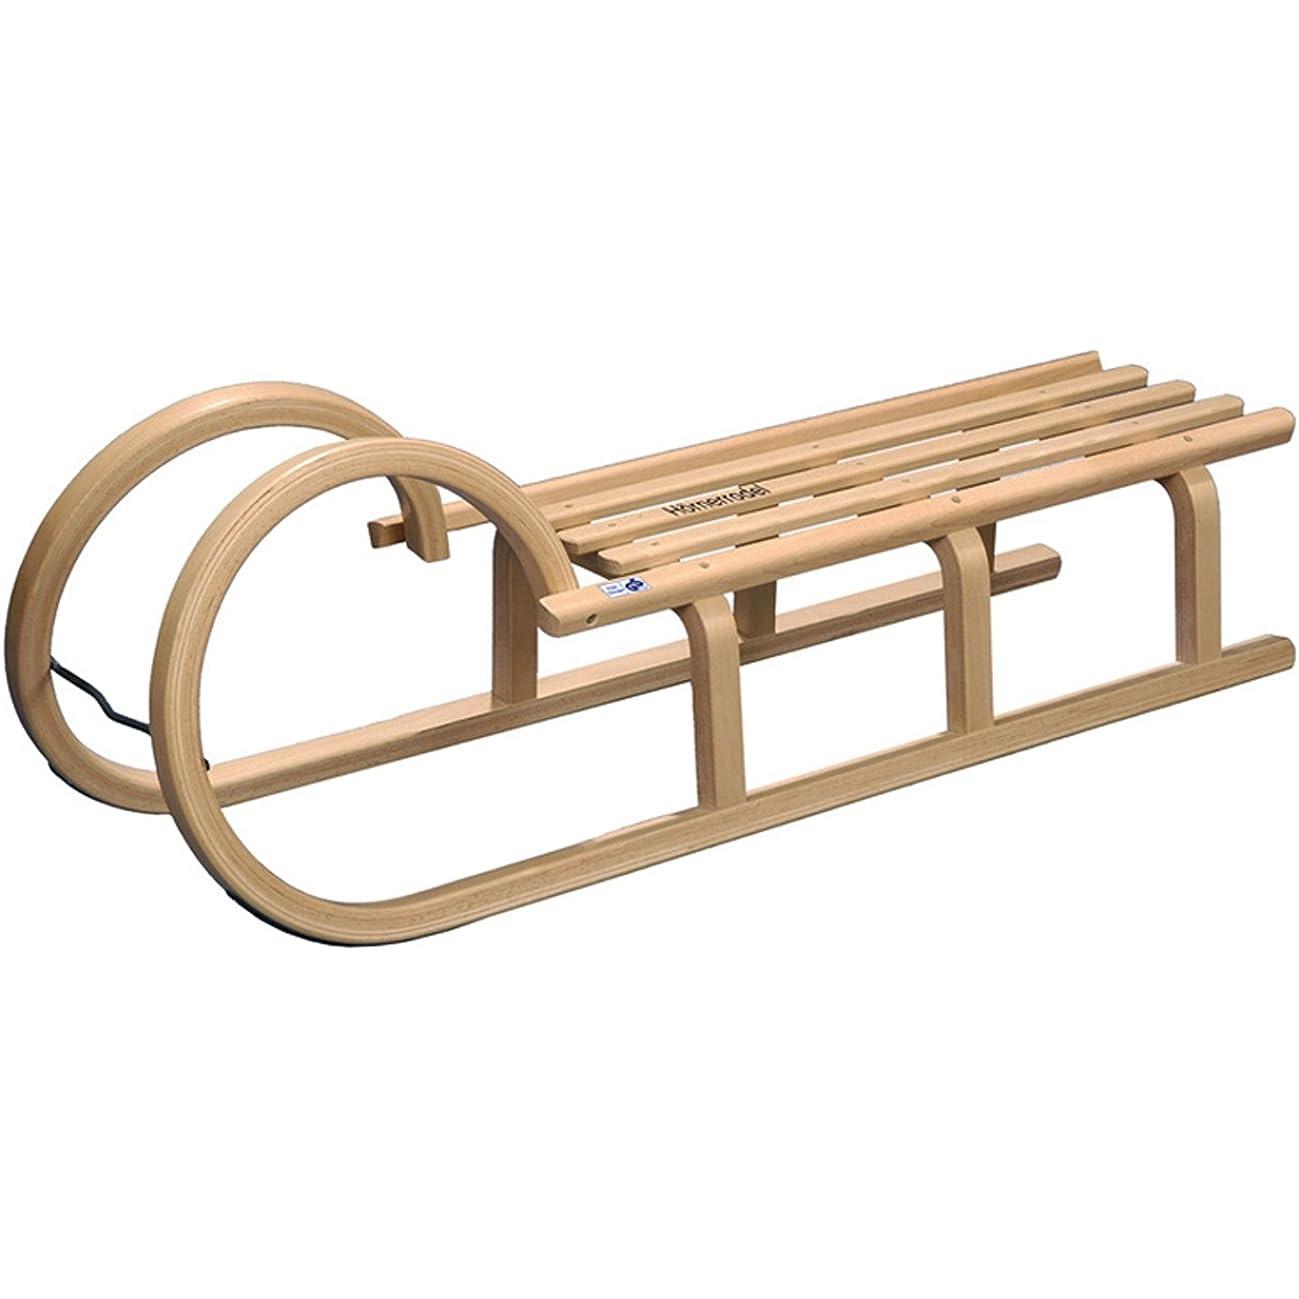 Ein klassischer Holz-Schlitten - u.a. angeboten von R.P.L. Trading.